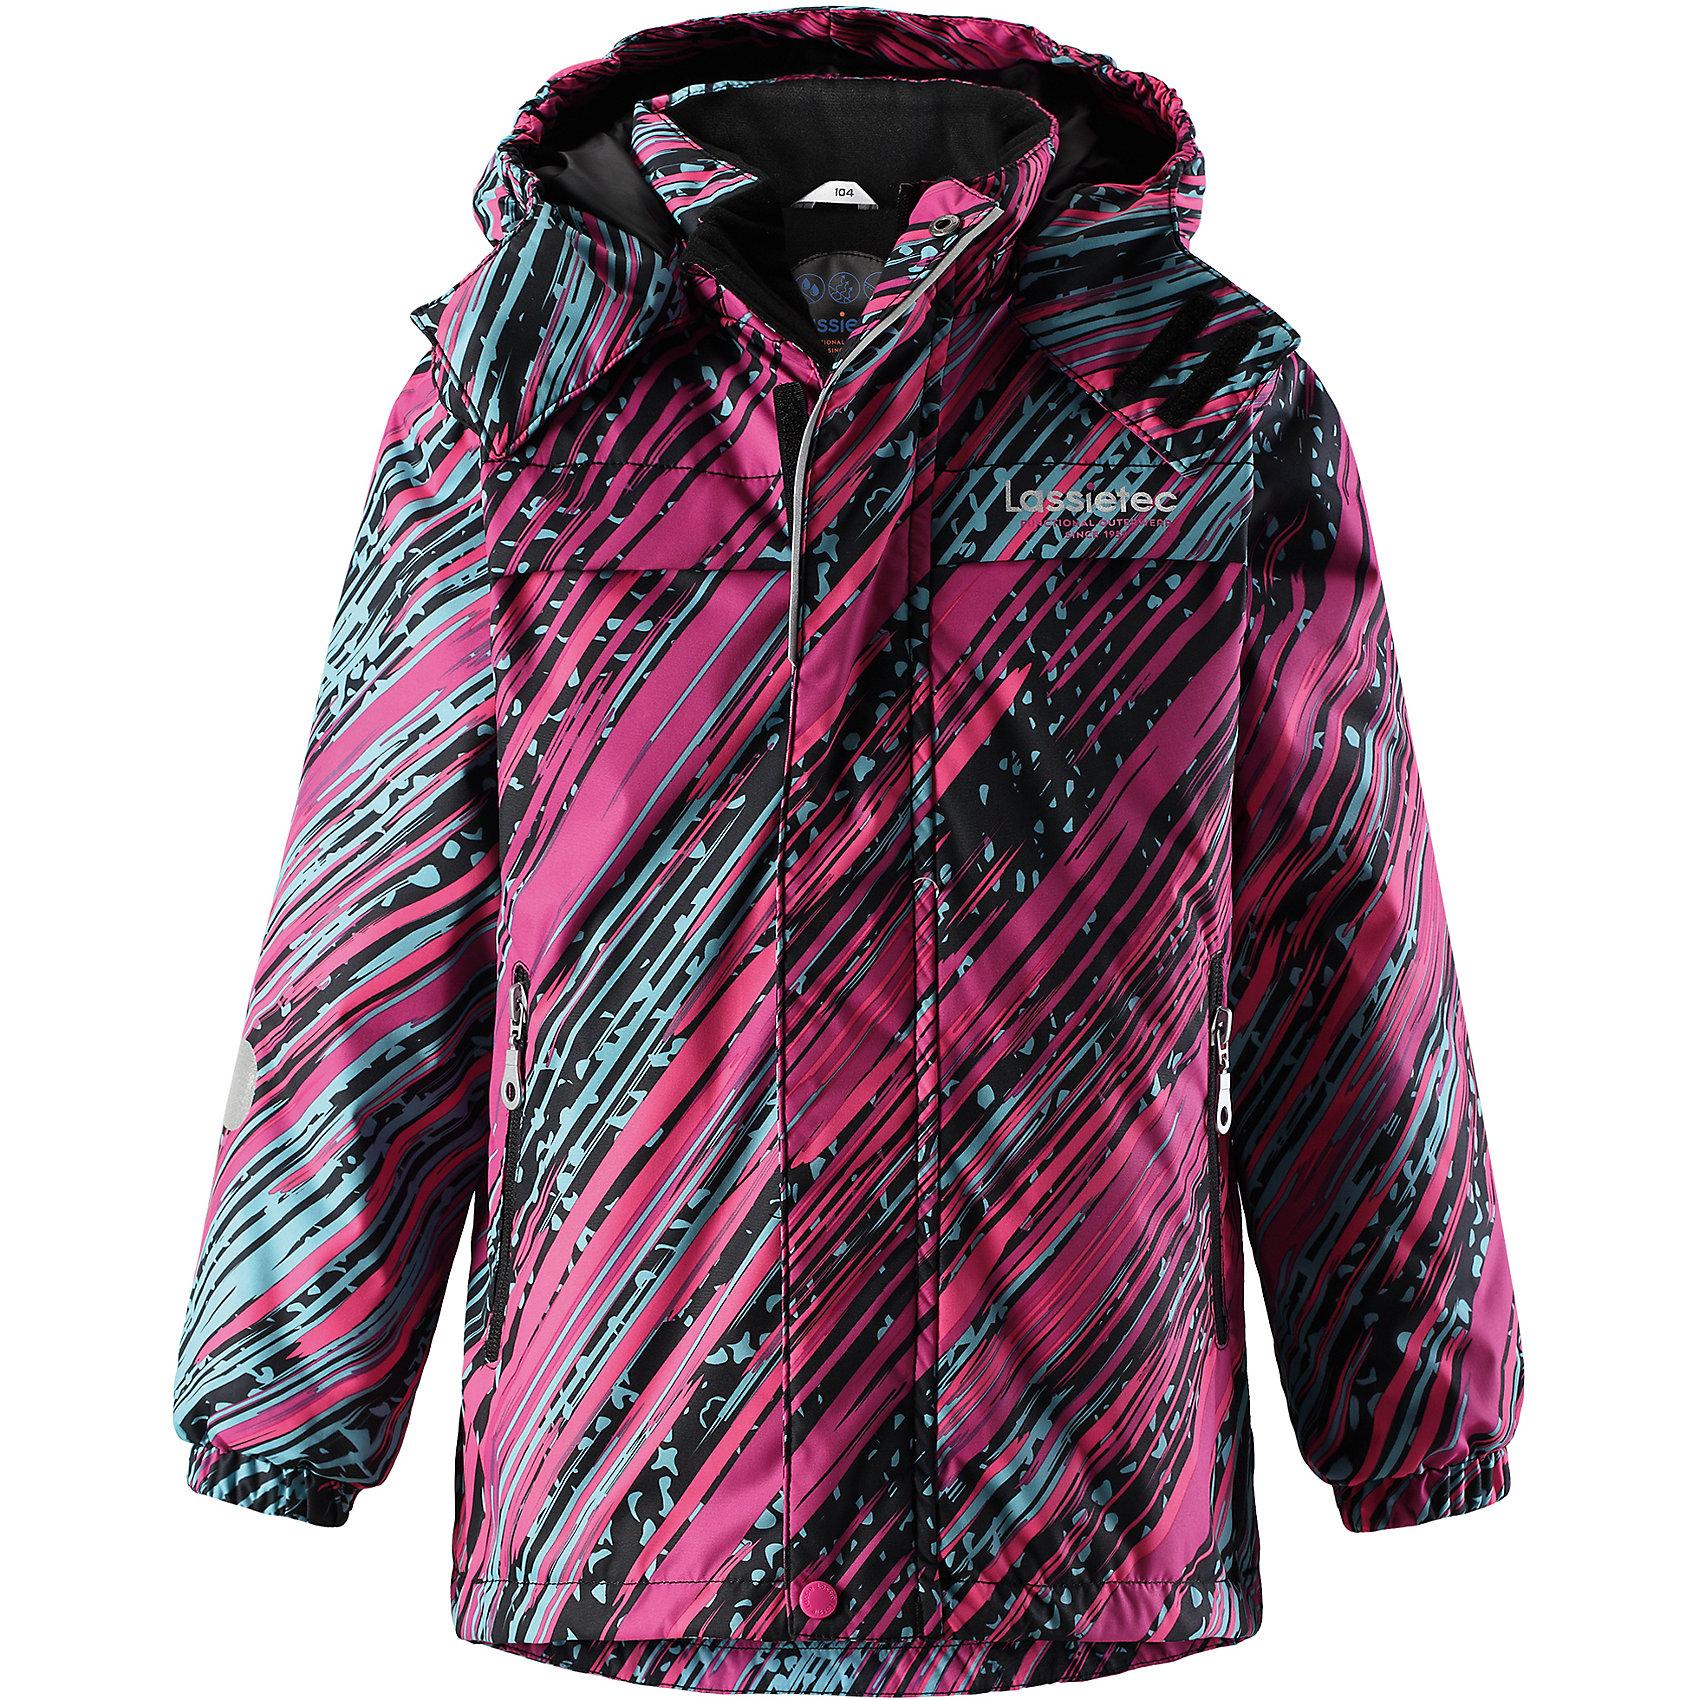 Куртка Lassietec LassieОдежда<br>Характеристики товара:<br><br>• цвет: розовый в полоску;<br>• состав: 100% полиэстер, полиуретановое покрытие;<br>• подкладка: 100% полиэстер;<br>• утеплитель: 140 г/м2;<br>• сезон: зима;<br>• температурный режим: от 0 до -20С;<br>• водонепроницаемость: 5000 мм;<br>• воздухопроницаемость: 5000 мм;<br>• износостойкость: 20000 циклов (тест Мартиндейла)<br>• застежка: молния с дополнительной защитной планкой;<br>• водоотталкивающий, ветронепроницаемый, дышащий и грязеотталкивающий материал;<br>• внешние швы проклеены;<br>• гладкая подкладка из полиэстера;<br>• безопасный съемный капюшон; <br>• эластичная талия и манжеты рукавов;<br>• карманы на молнии;<br>• светоотражающие детали;<br>• страна бренда: Финляндия;<br>• страна изготовитель: Китай;<br><br>Эта теплая и функциональная детская зимняя куртка Lassietec® отлично подходит для ежедневной носки! Съемный капюшон защищает от пронизывающего ветра и гарантирует безопасность во время игр на свежем воздухе. Гладкая и приятная на ощупь подкладка облегчает надевание и обеспечивает дополнительное утепление. Все основные швы в куртке проклеены, водонепроницаемы, а водонепроницаемый, ветронепроницаемый и дышащий материал обеспечивает комфорт во время веселых прогулок. <br><br>Куртку Lassietec Lassie (Ласси) для мальчика можно купить в нашем интернет-магазине.<br><br>Ширина мм: 356<br>Глубина мм: 10<br>Высота мм: 245<br>Вес г: 519<br>Цвет: розовый<br>Возраст от месяцев: 108<br>Возраст до месяцев: 120<br>Пол: Унисекс<br>Возраст: Детский<br>Размер: 140,92,98,104,110,116,122,128,134<br>SKU: 6927423